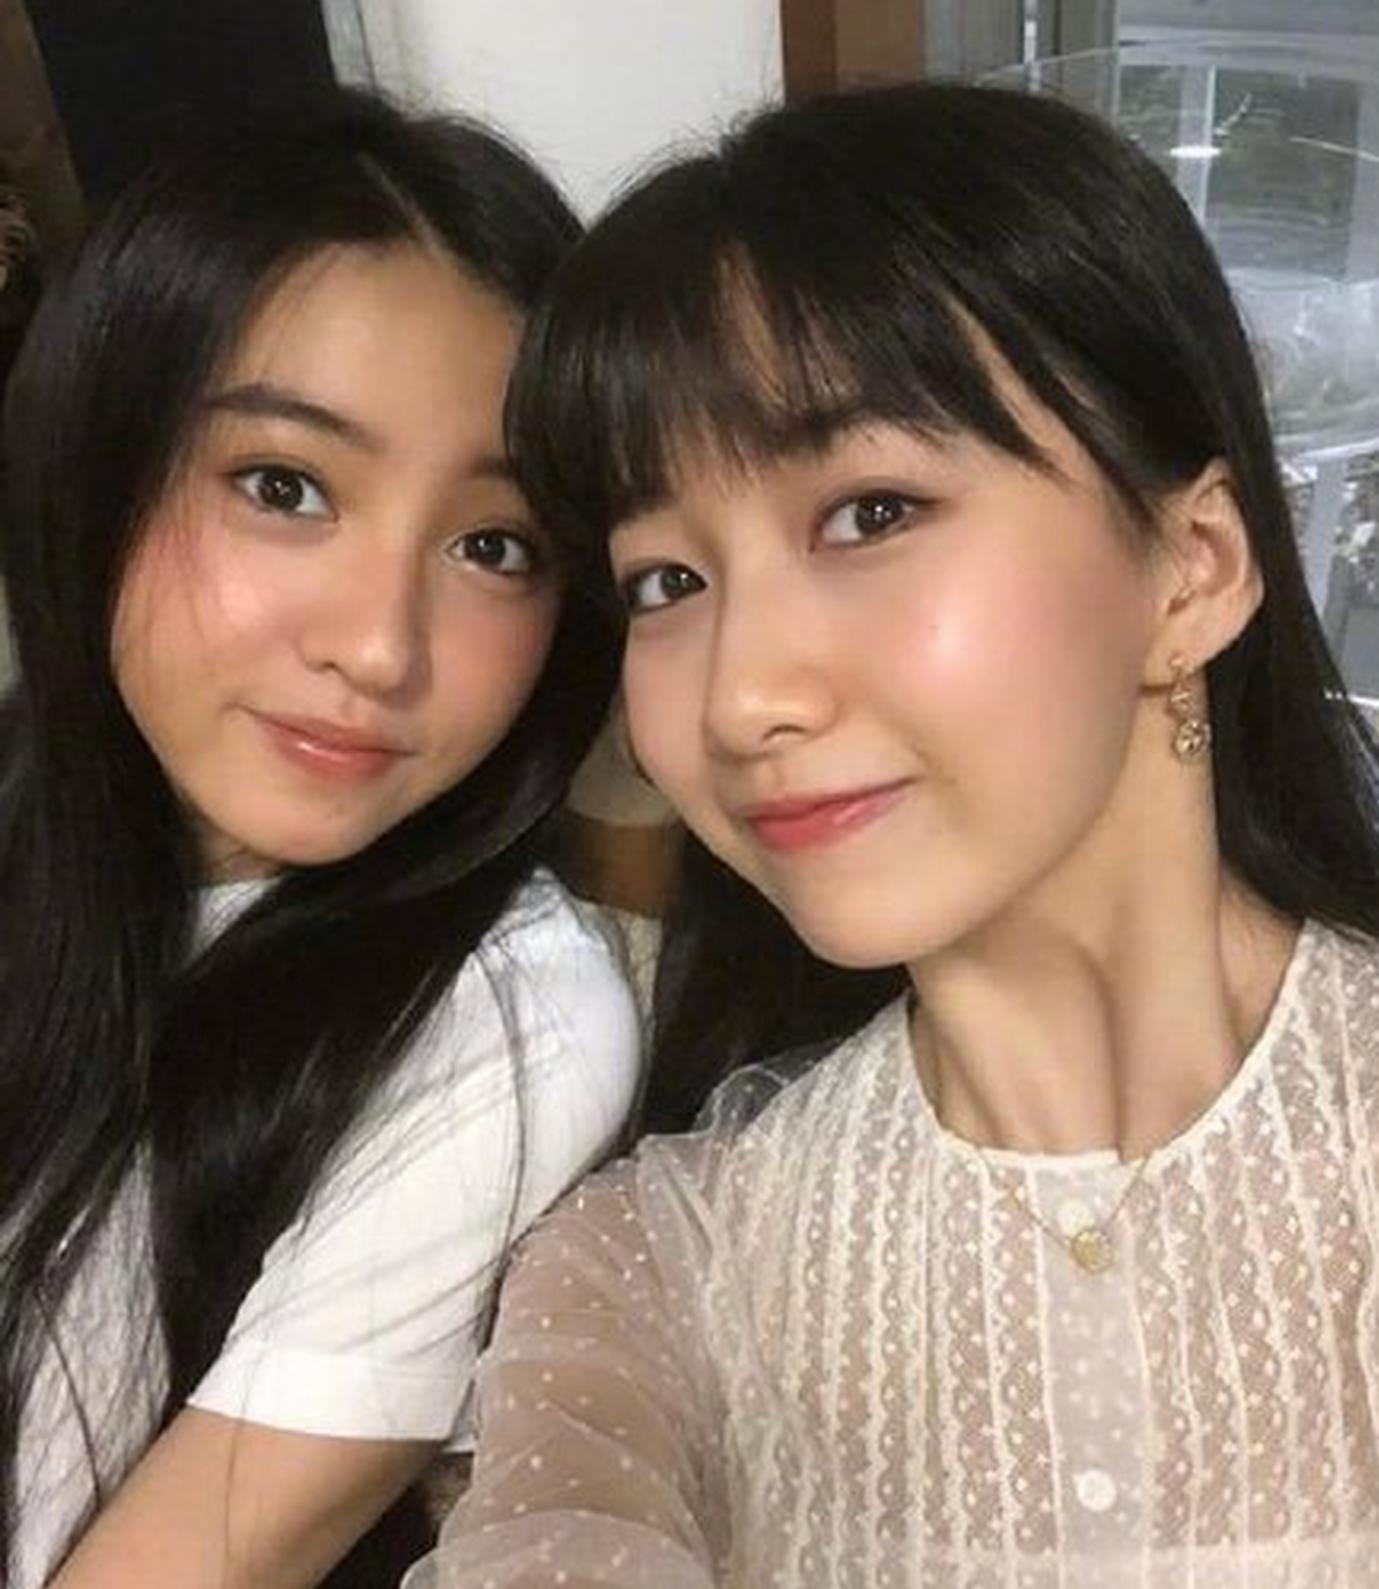 木村光希晒两姐妹搞怪自拍 满脸胶原蛋白令人羡慕